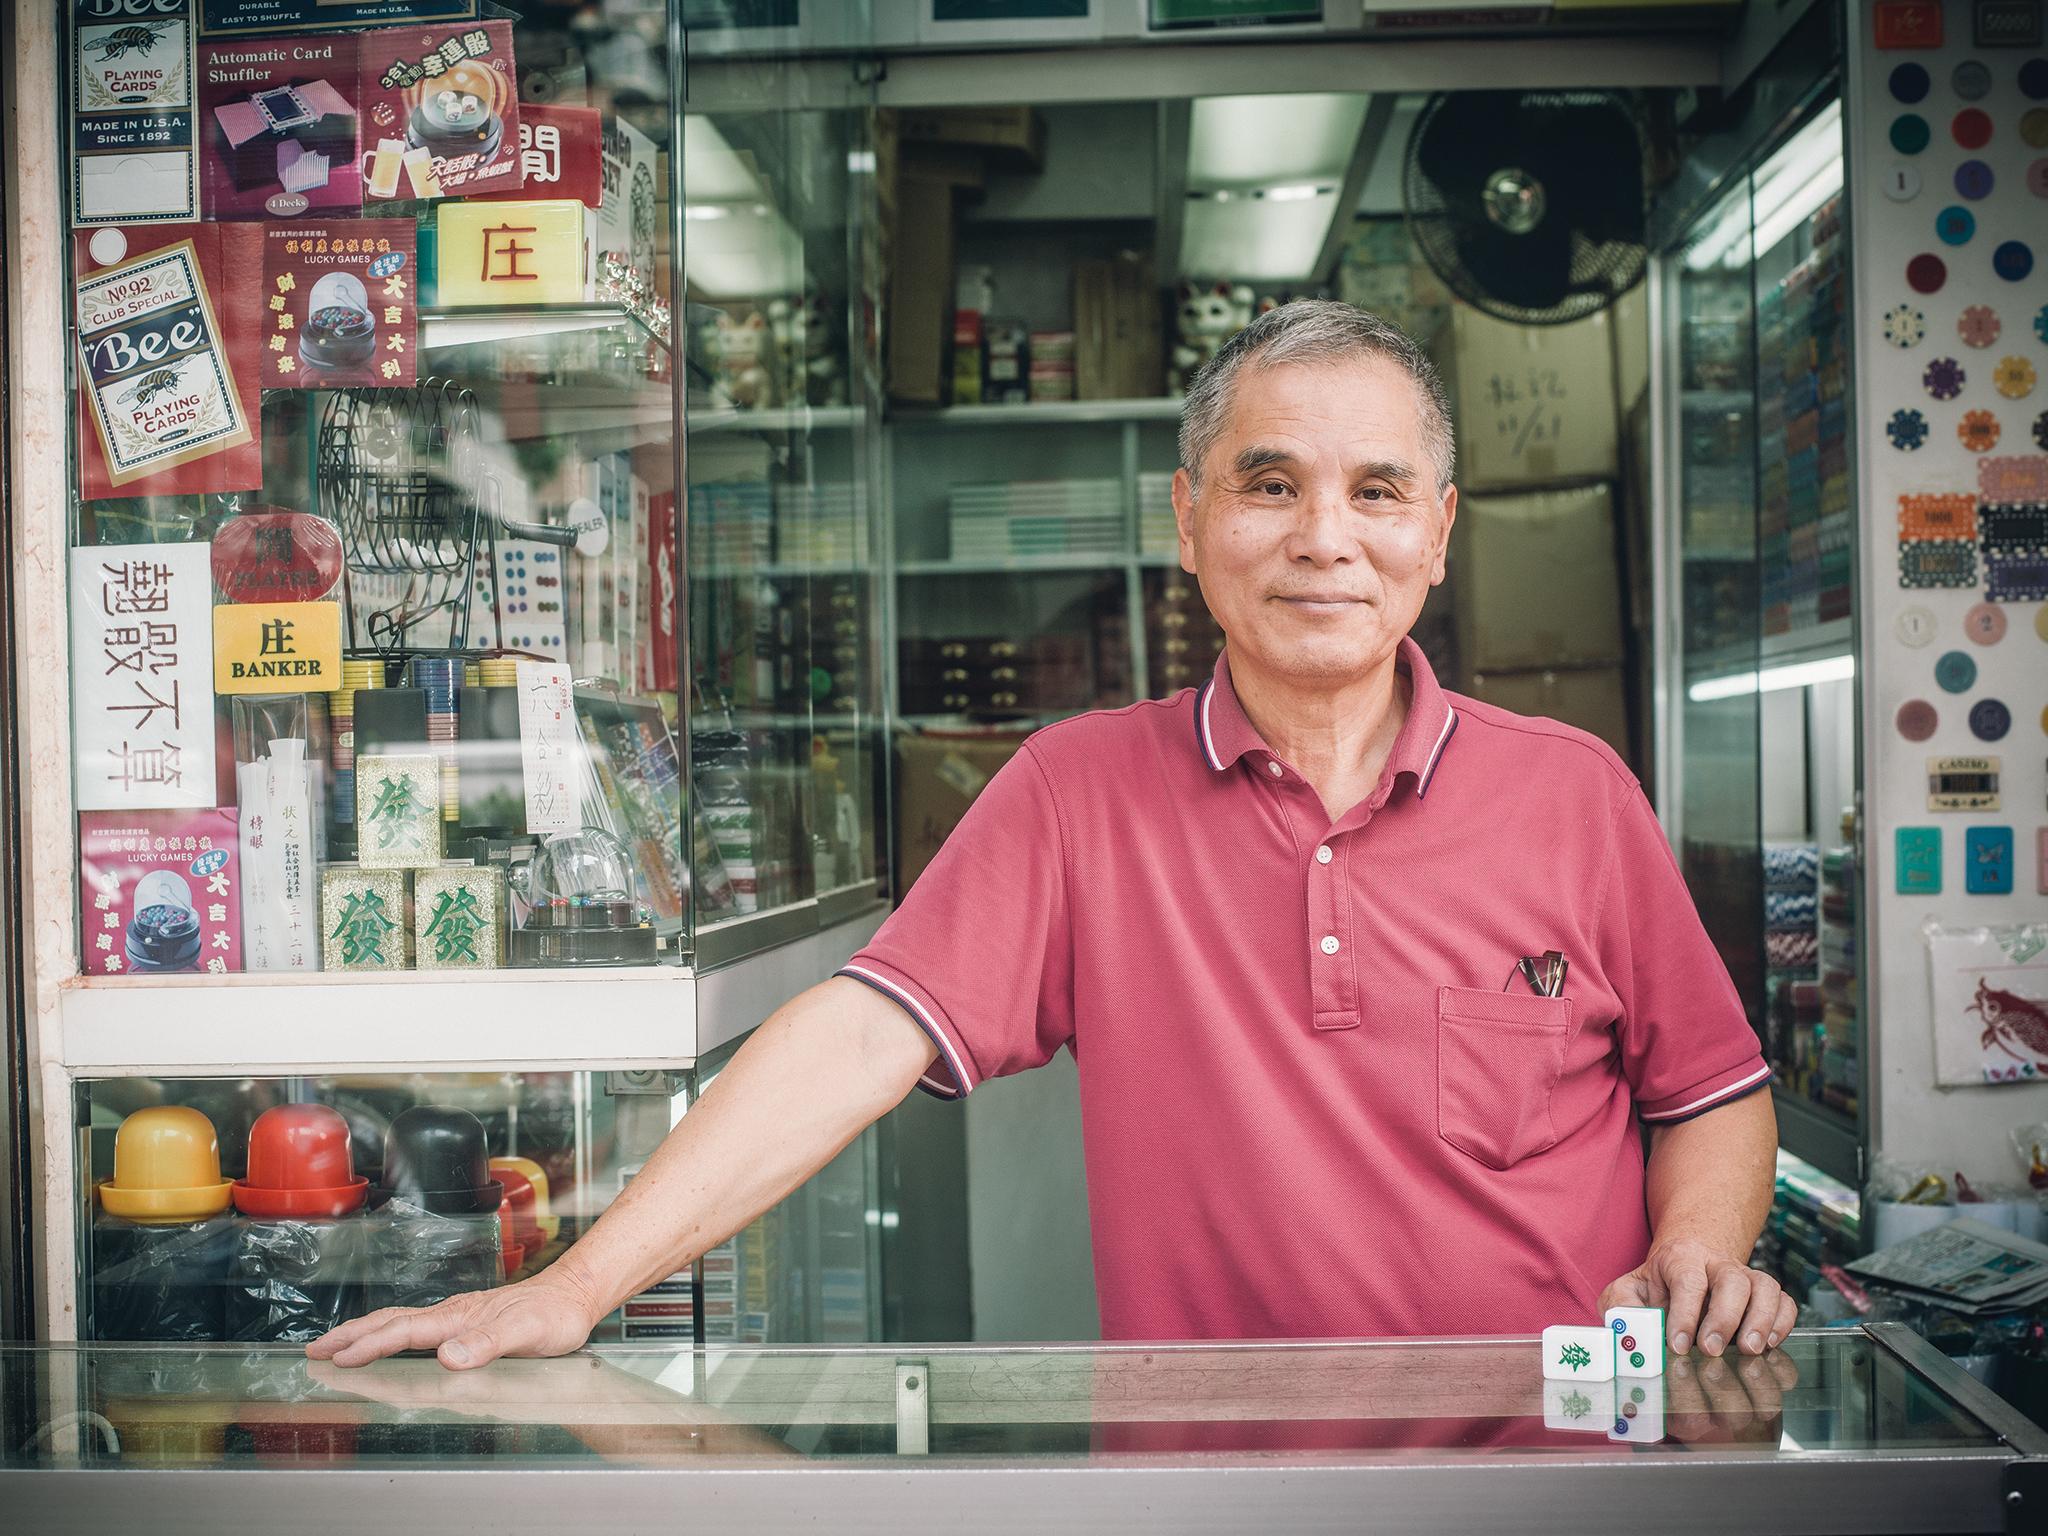 Cheung Shun-king – Mahjong tile artisan